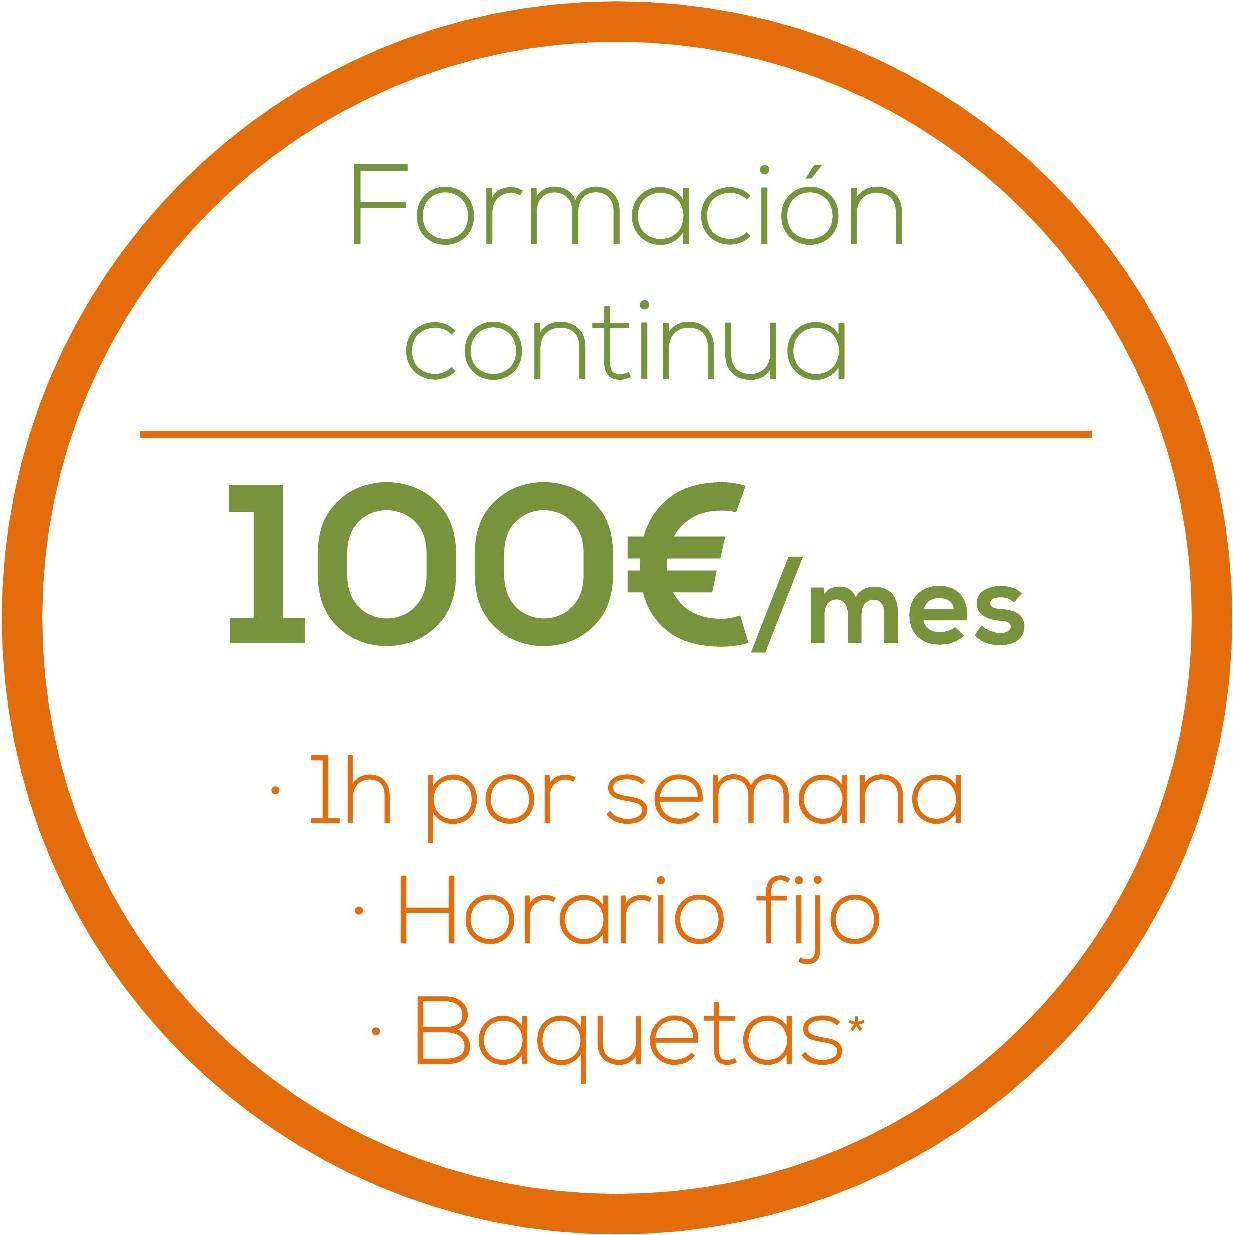 Formacion continua, 100€/mes, 1h/clase, Horario fijo, Baquetas gratis www.happyfrogdrums.com